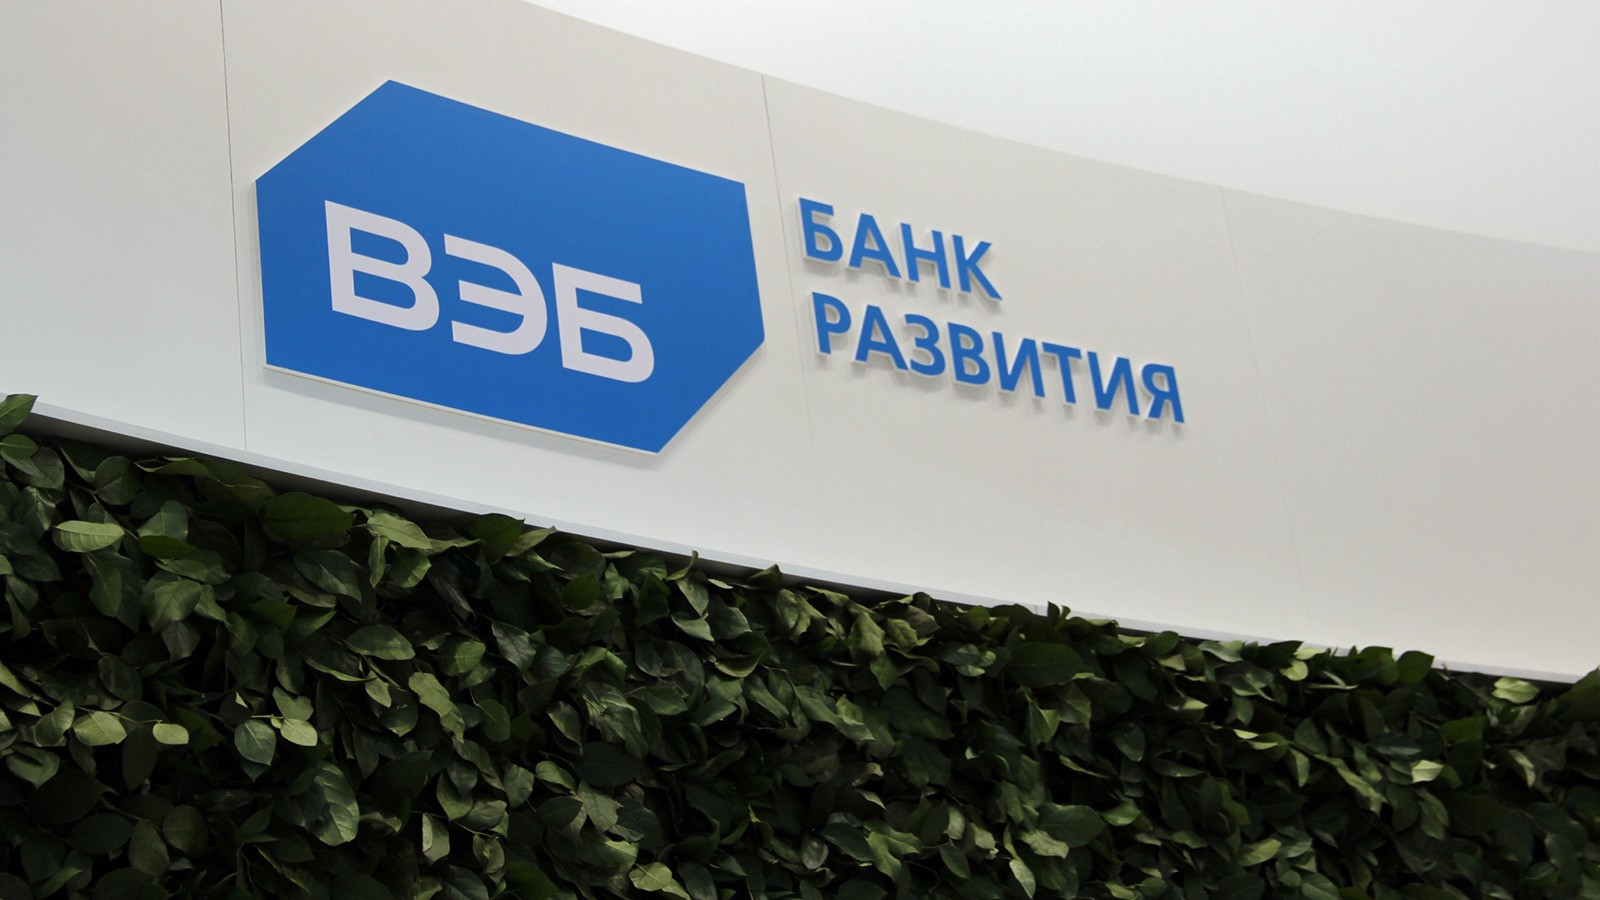 Премьер-министр РФ отметил важную роль Внешэкономбанка в выполнении майских указов